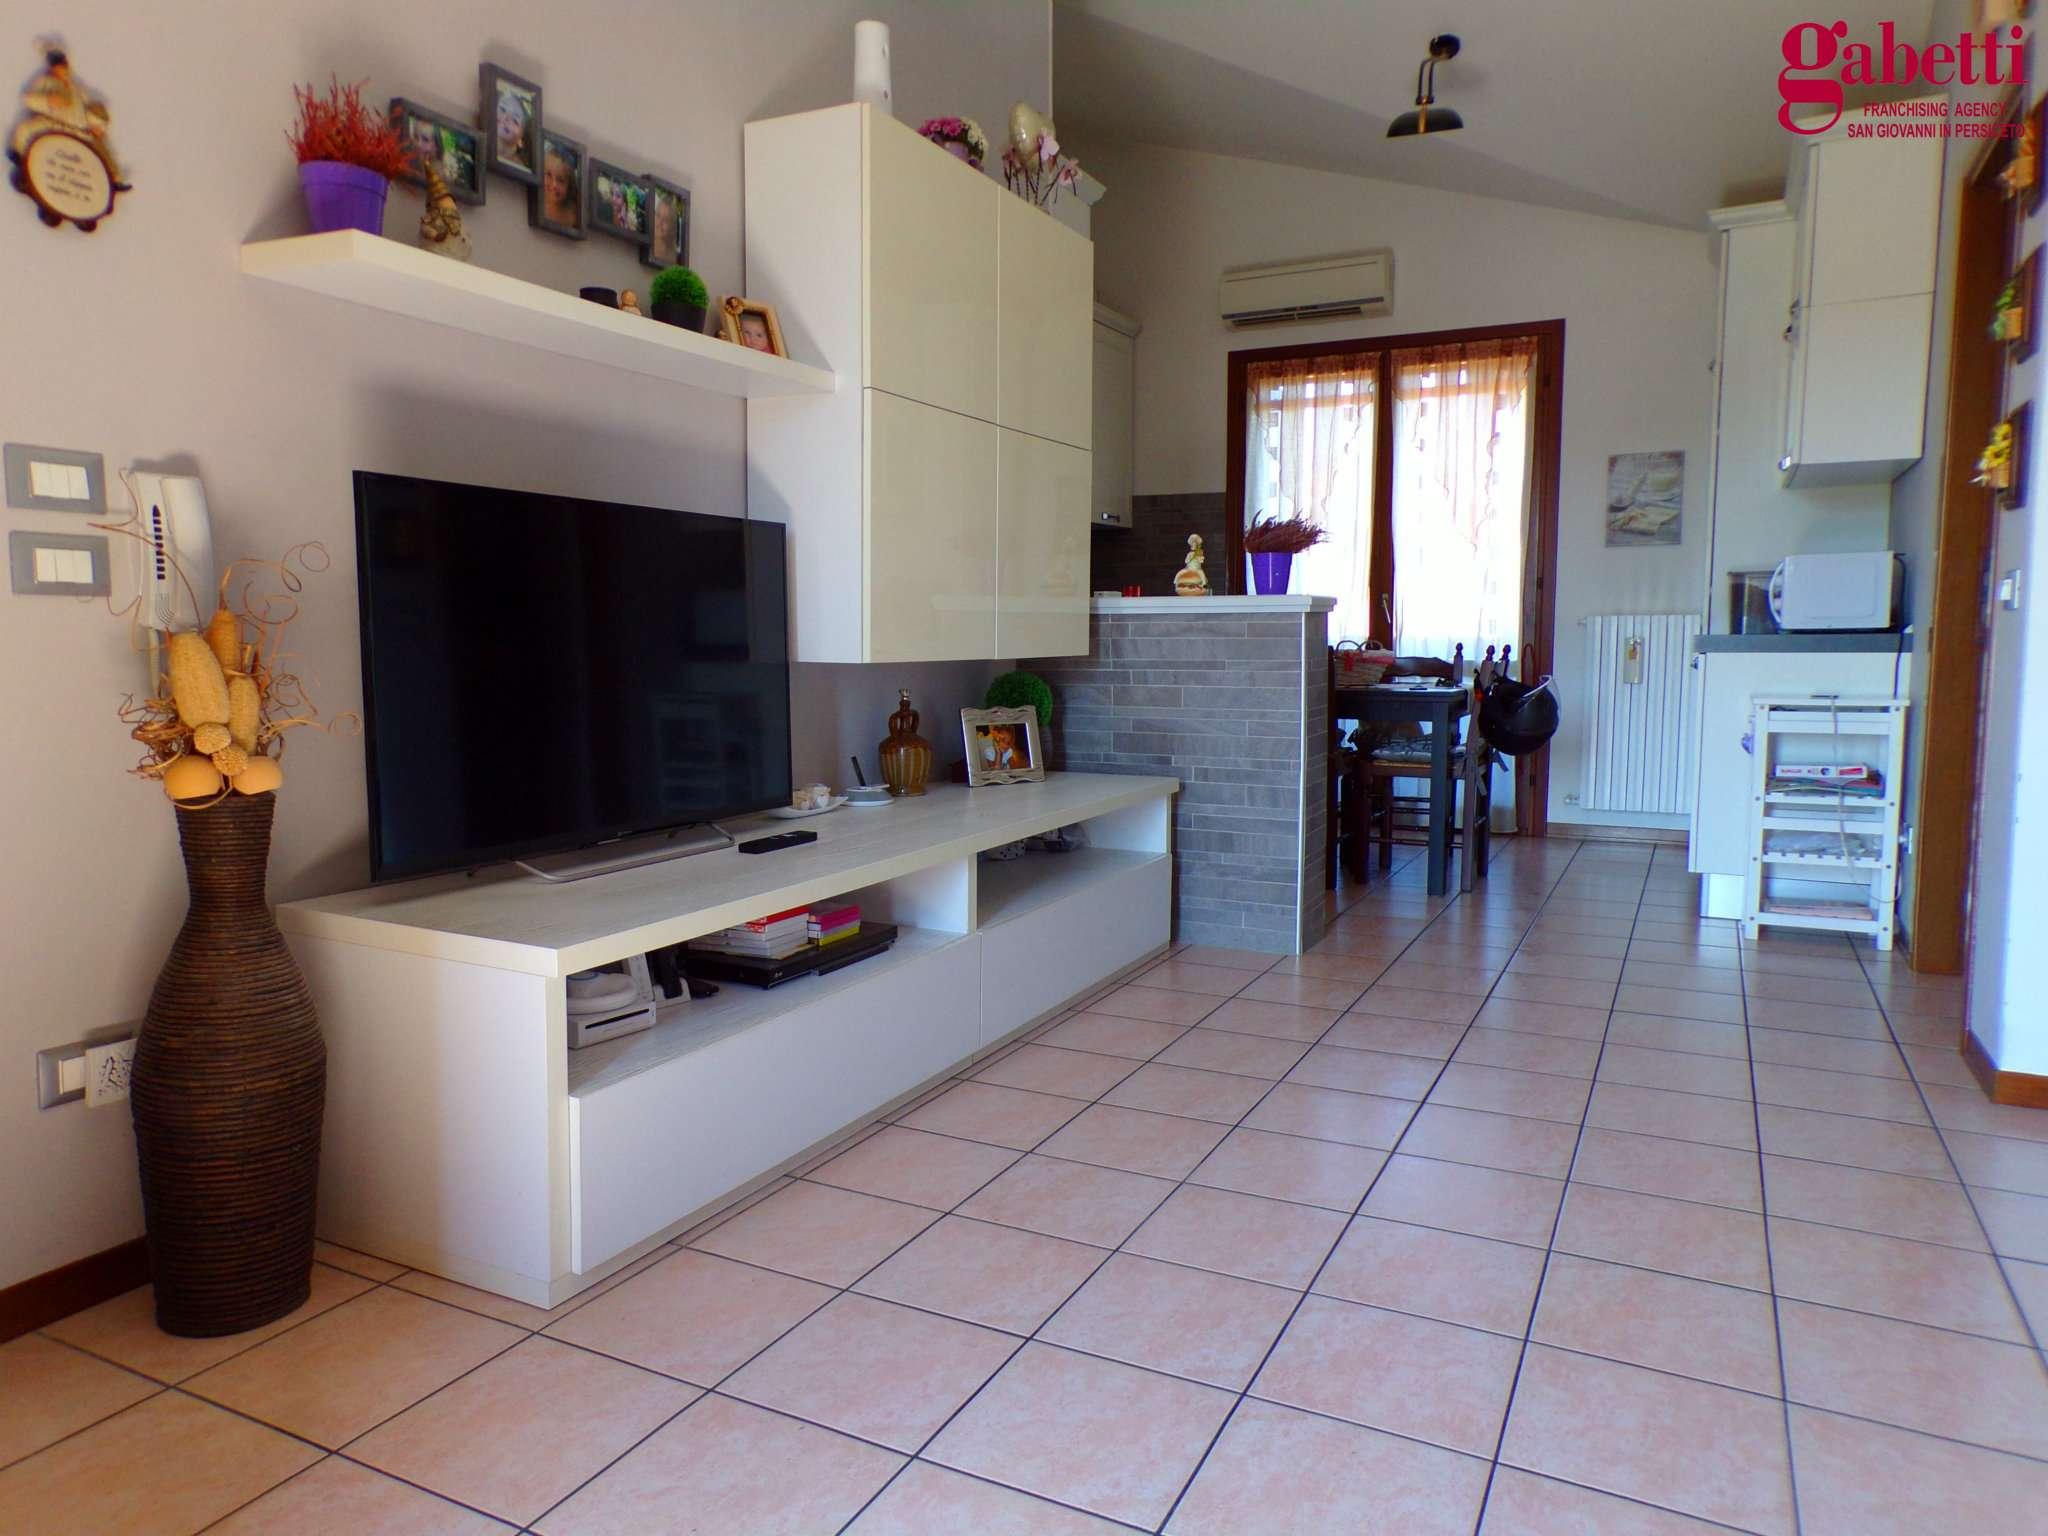 Appartamento in vendita a Sant'Agata Bolognese, 2 locali, prezzo € 142.000   PortaleAgenzieImmobiliari.it